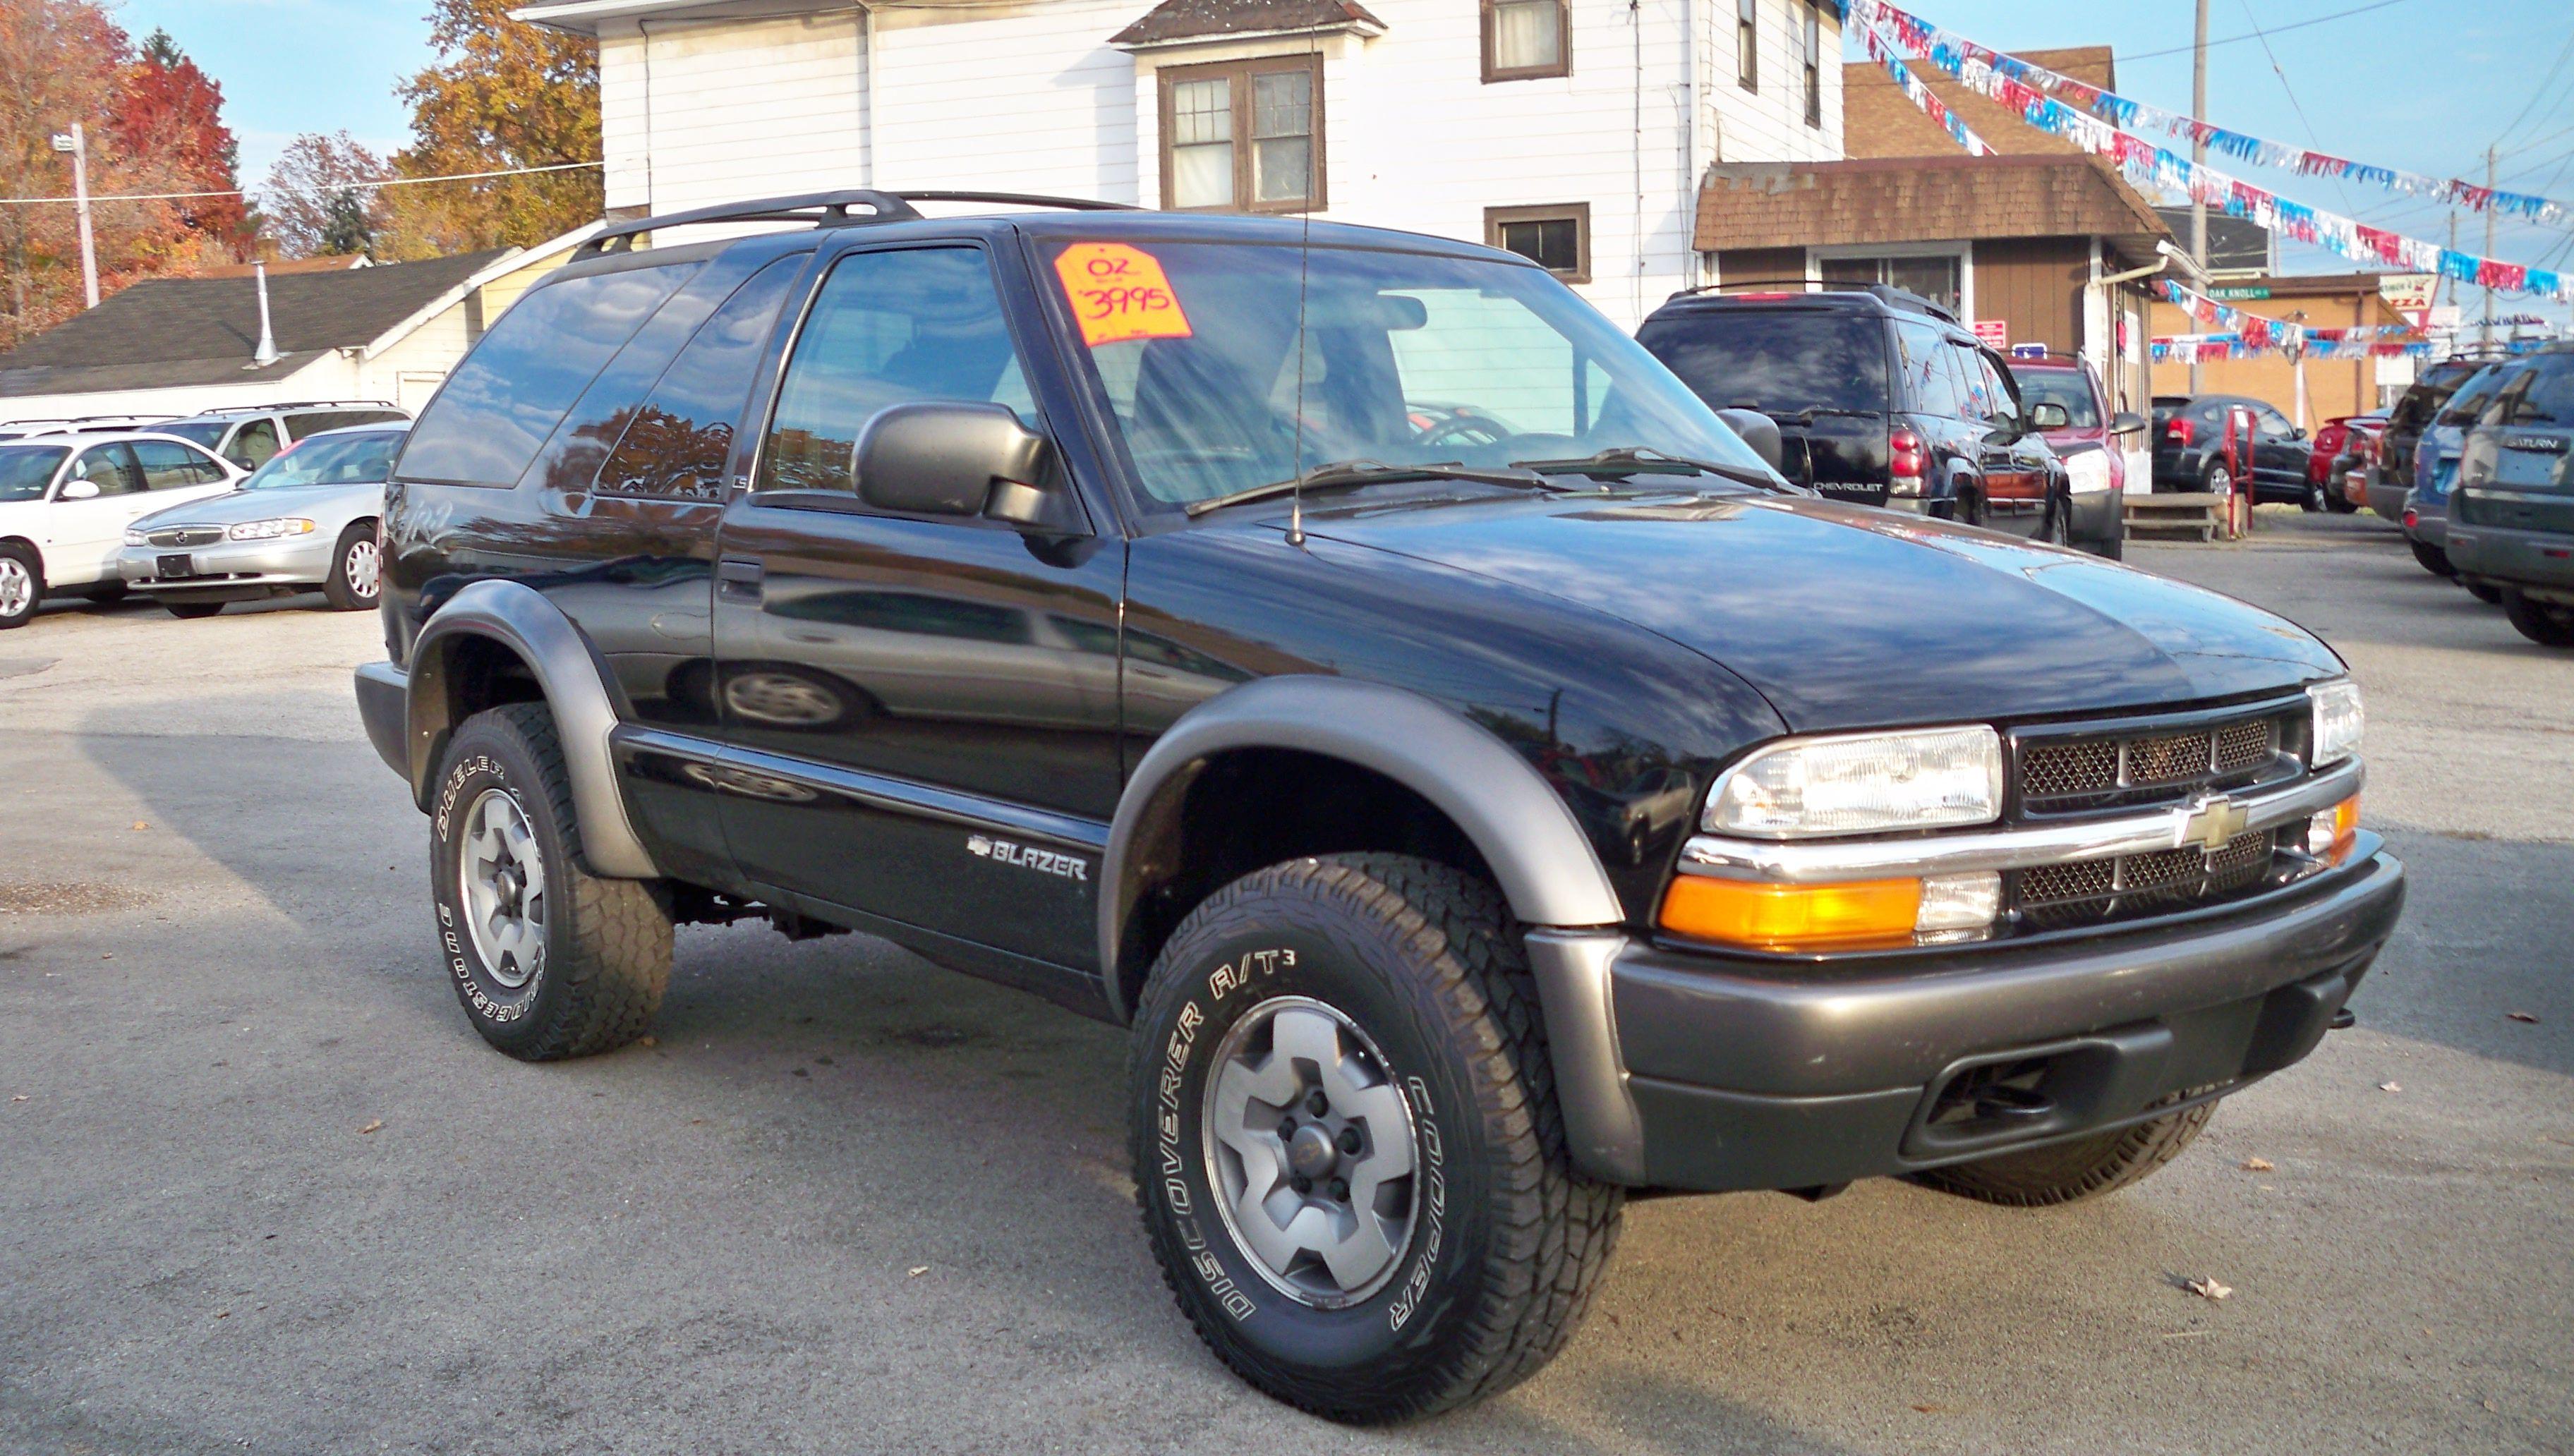 2002 chevrolet blazer zr2 3 995 e a auto sales 1 866 454 1699 chevrolet blazer gm trucks chevrolet chevrolet blazer gm trucks